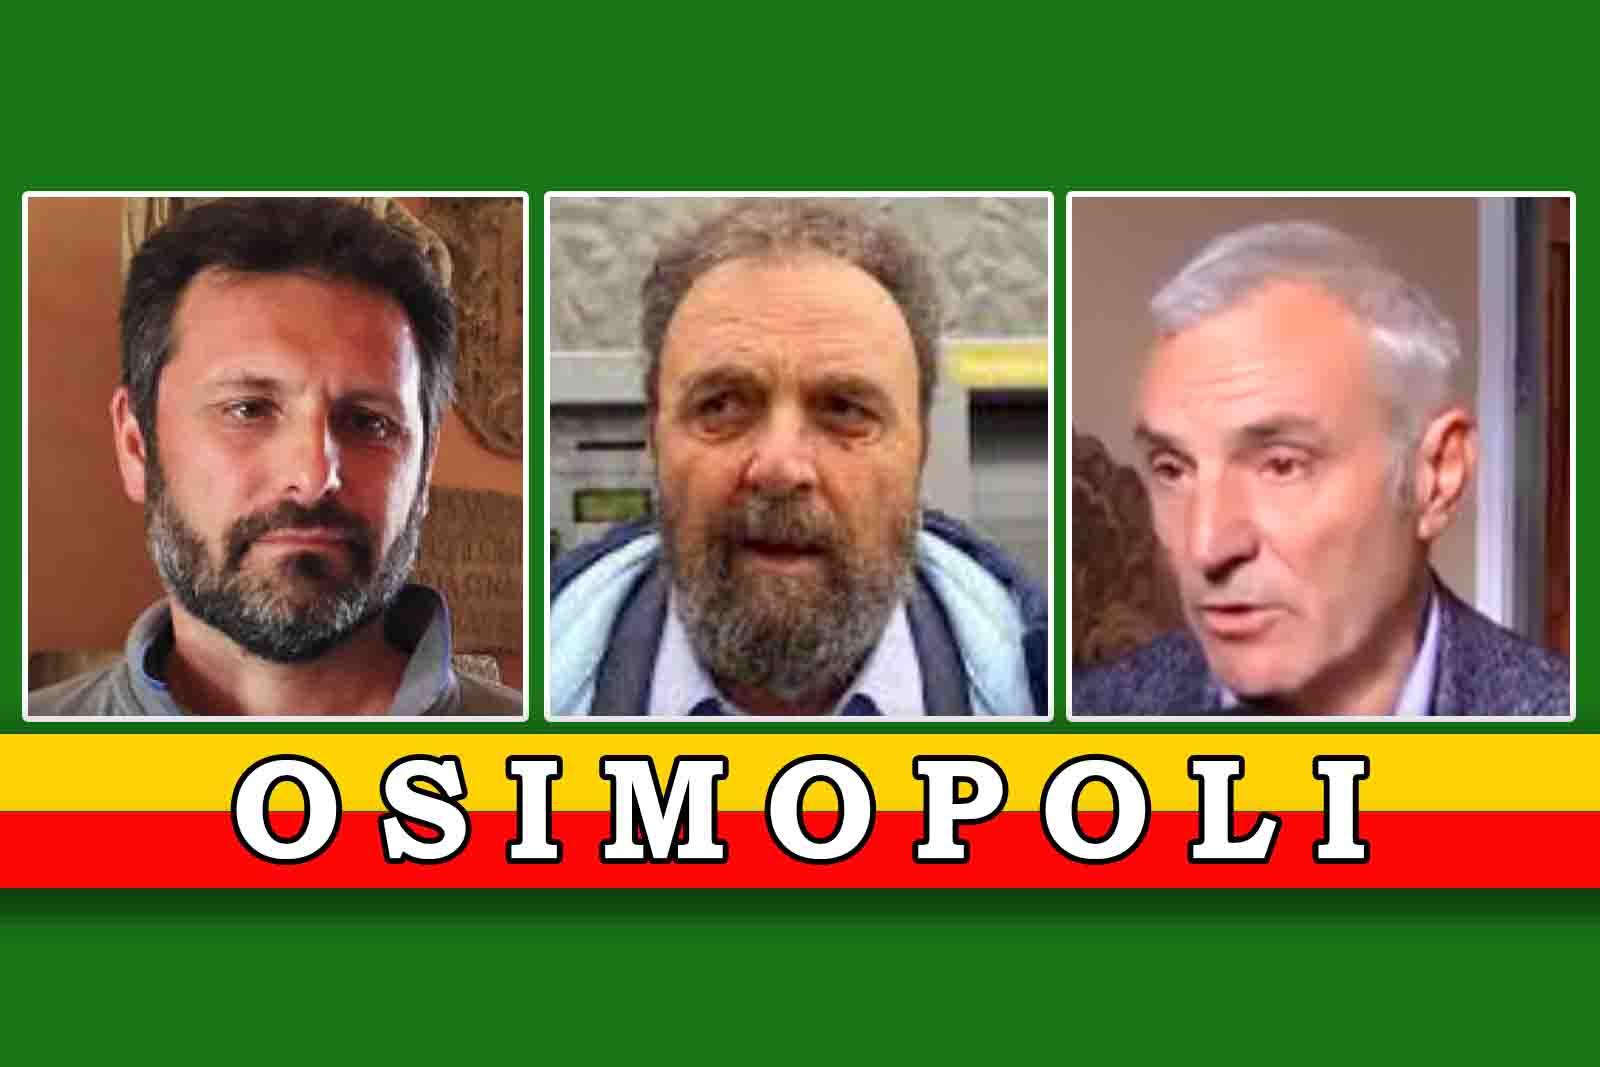 MARCHETTI, PIRANI E PERSIANI, 348 VOTI INCANDIDABILI RIBALTATO VIRTUALMENTE L'ESITO DEL BALLOTTAGGIO 2019